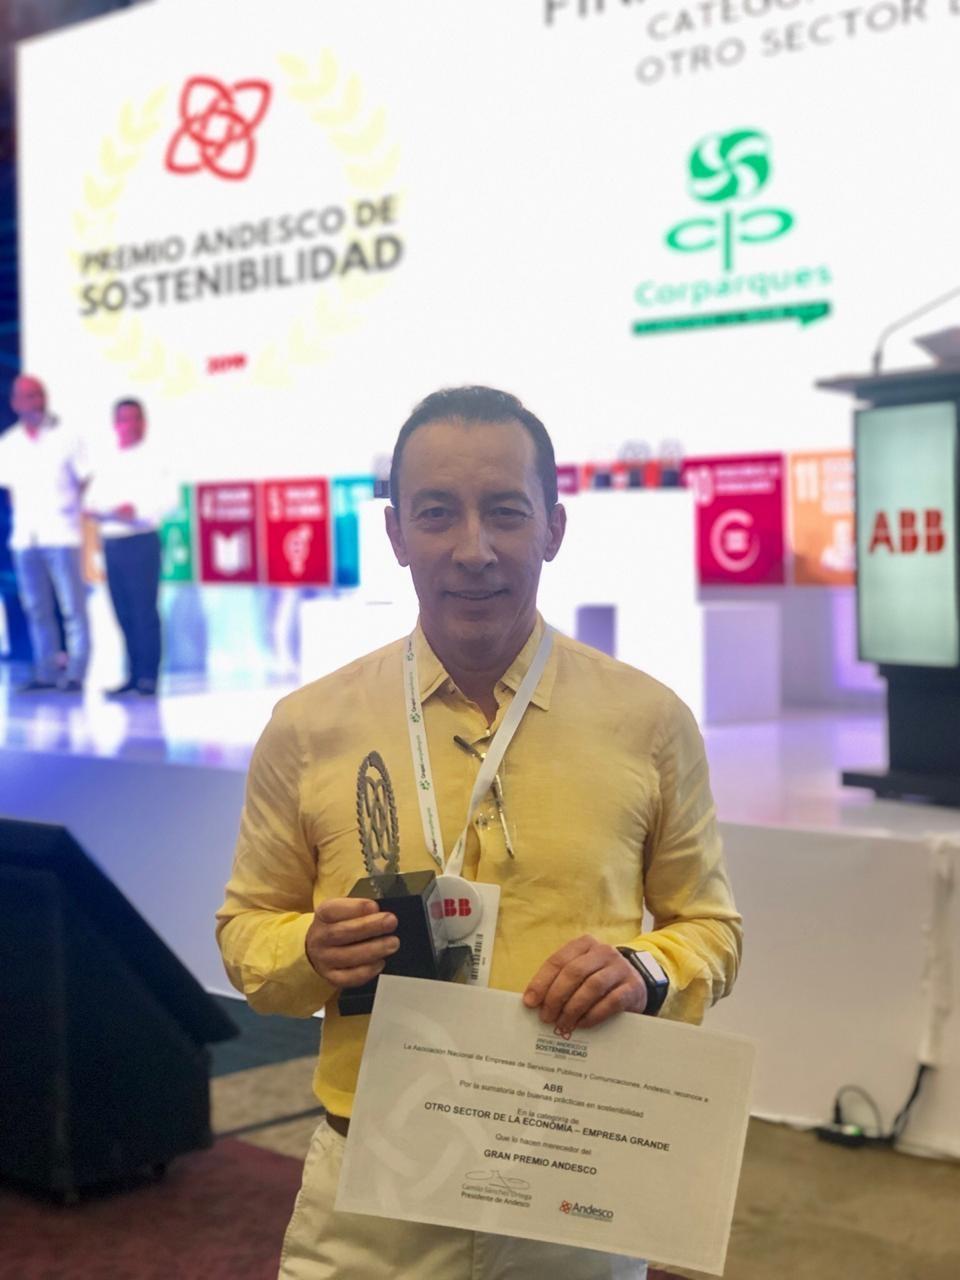 Ramón Monrás, Presidente de ABB Latinoamérica